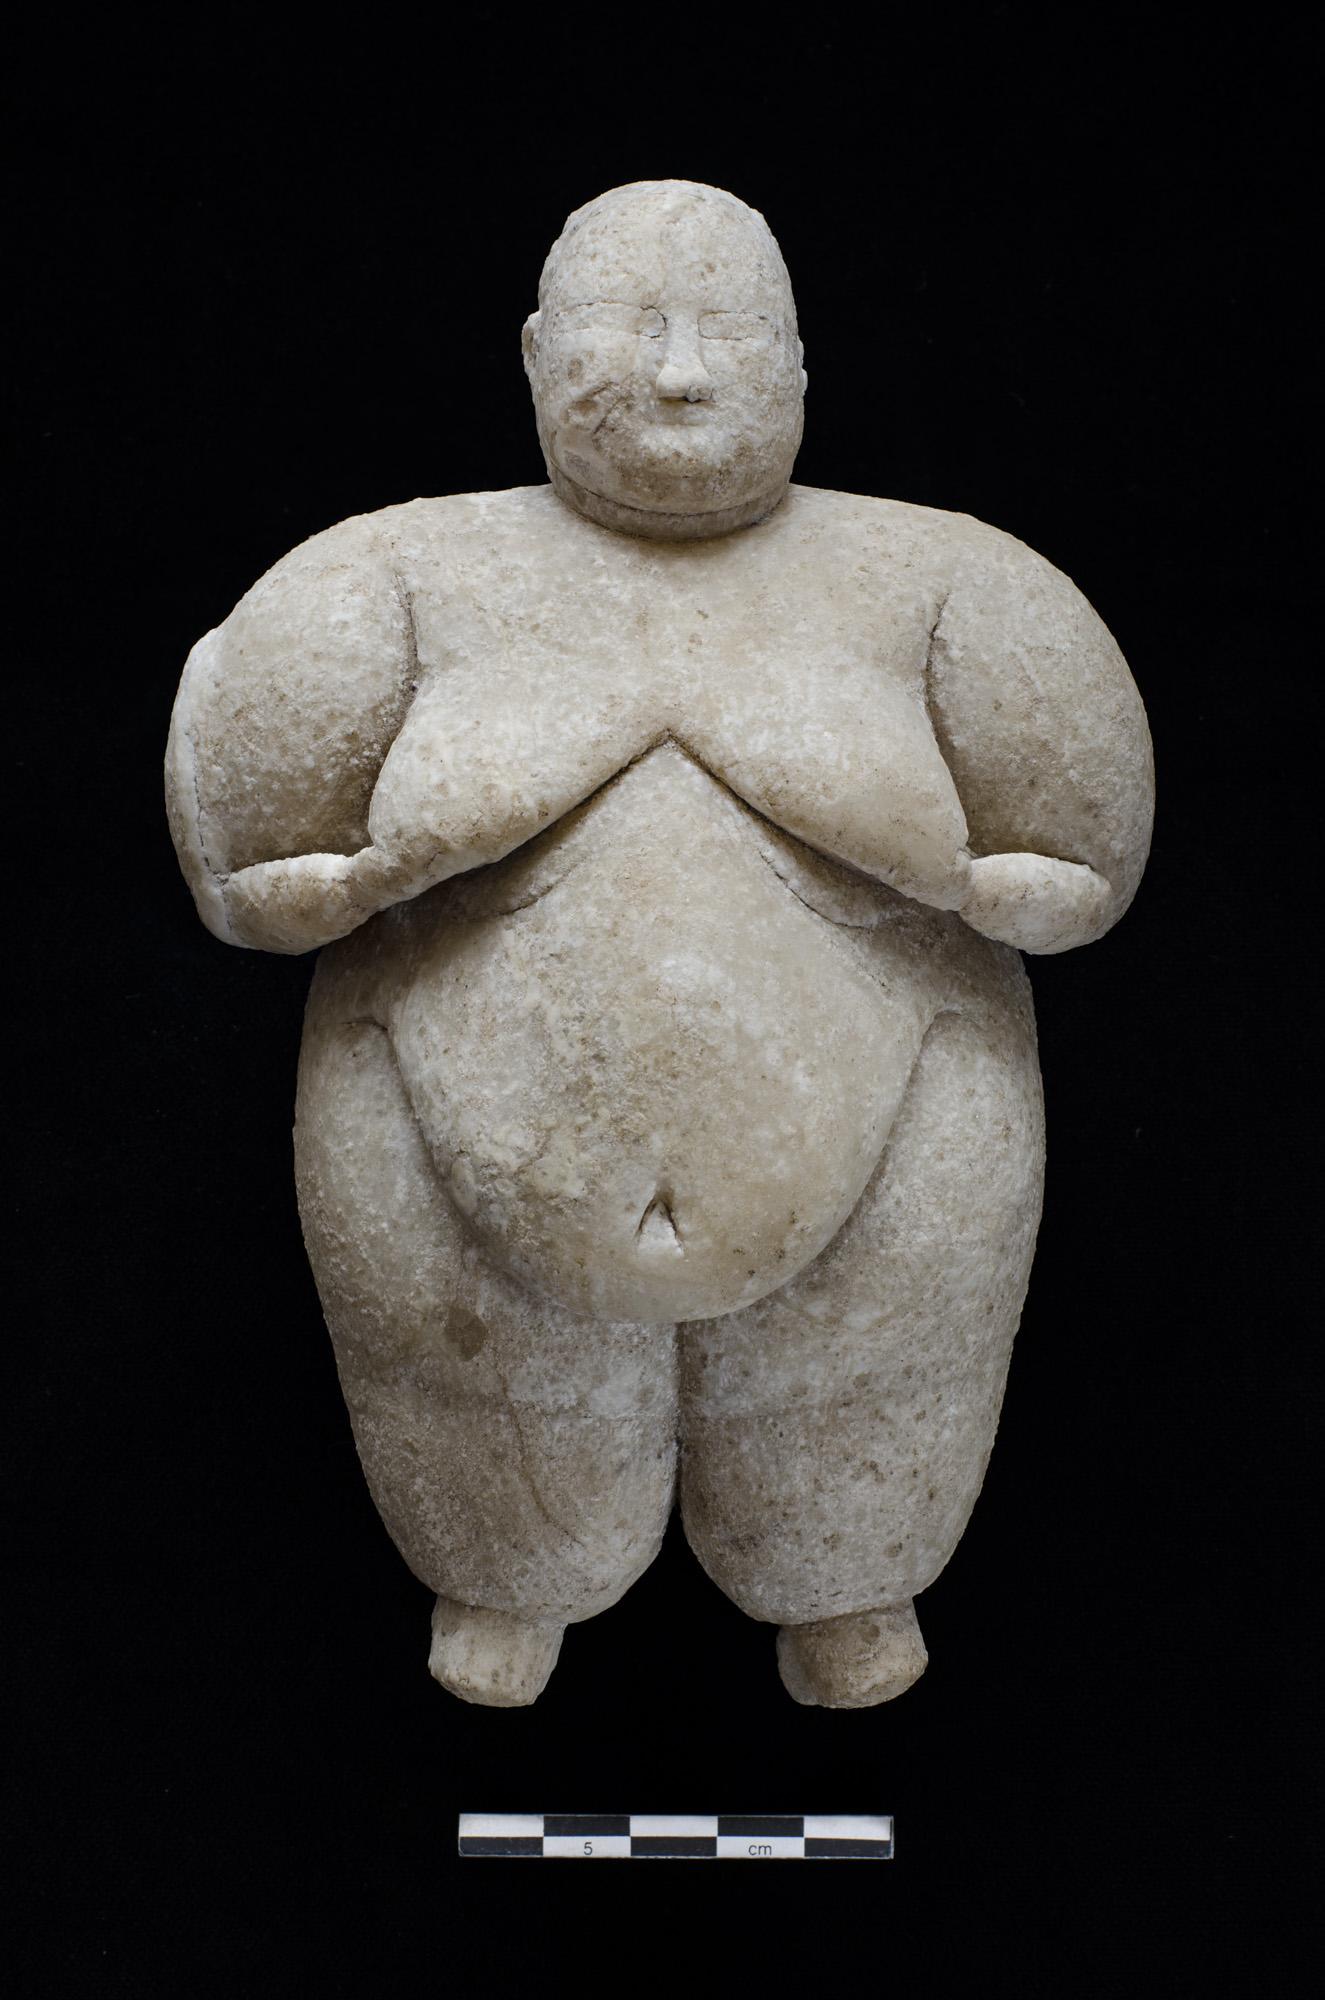 Estatuilla neolítica de 8.000 años de antigüedad (Turquía)